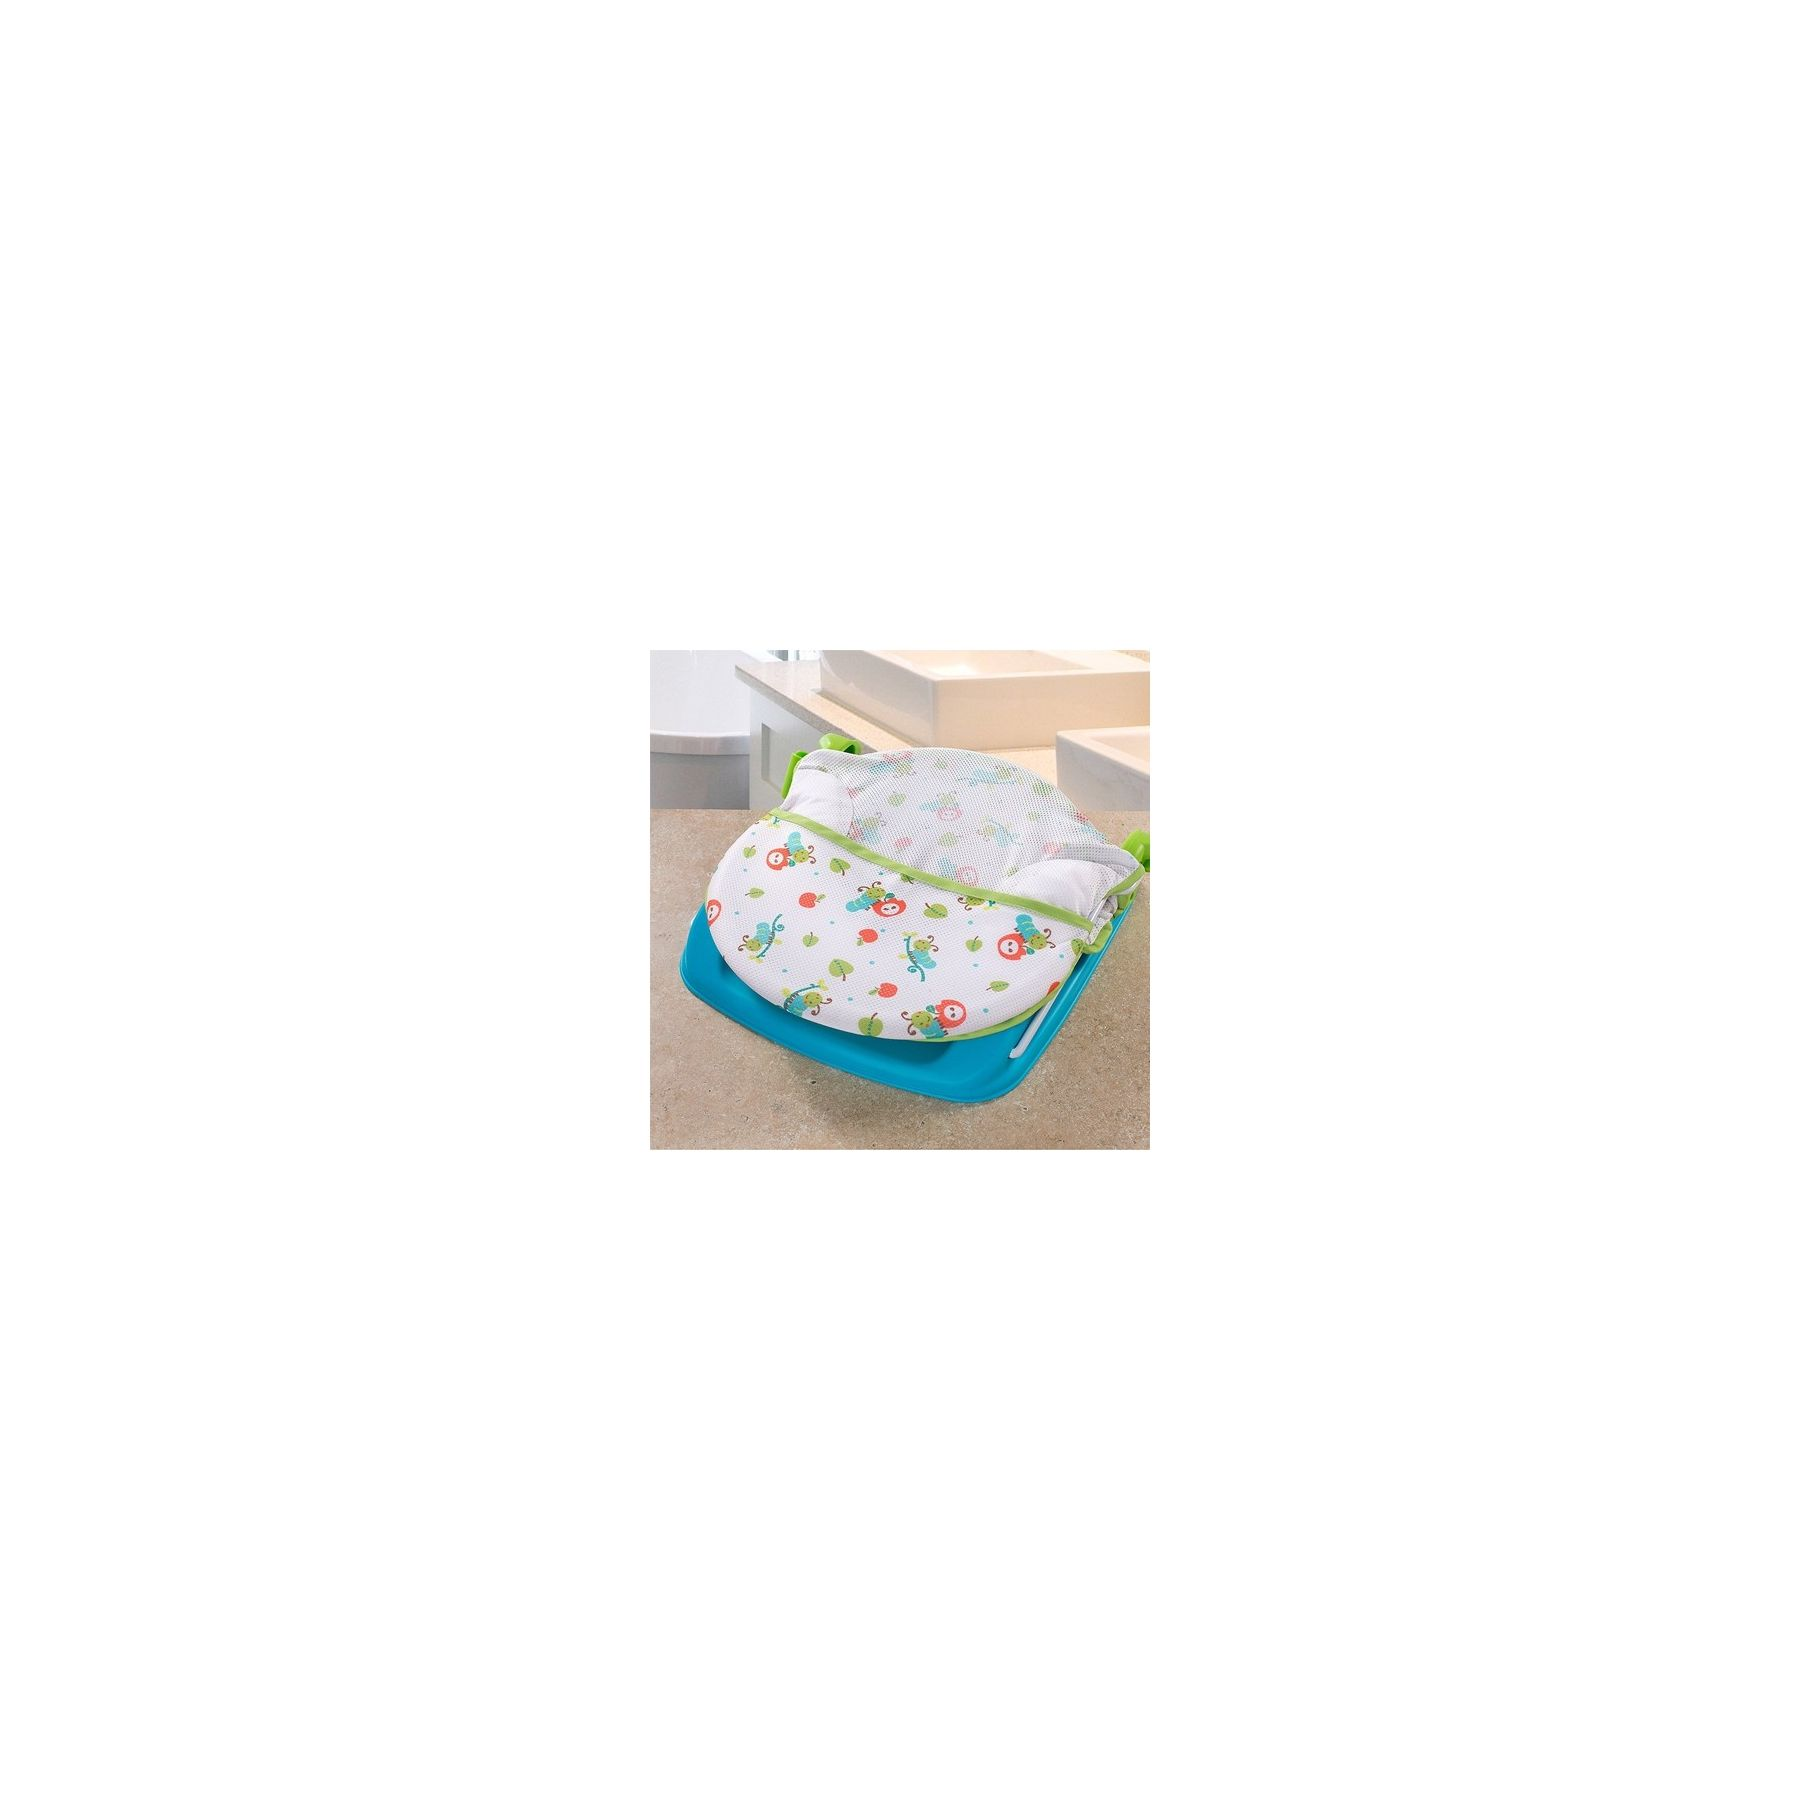 Transat de Bain Avec Barre de Jeux Vert et Bleu Summer Infant